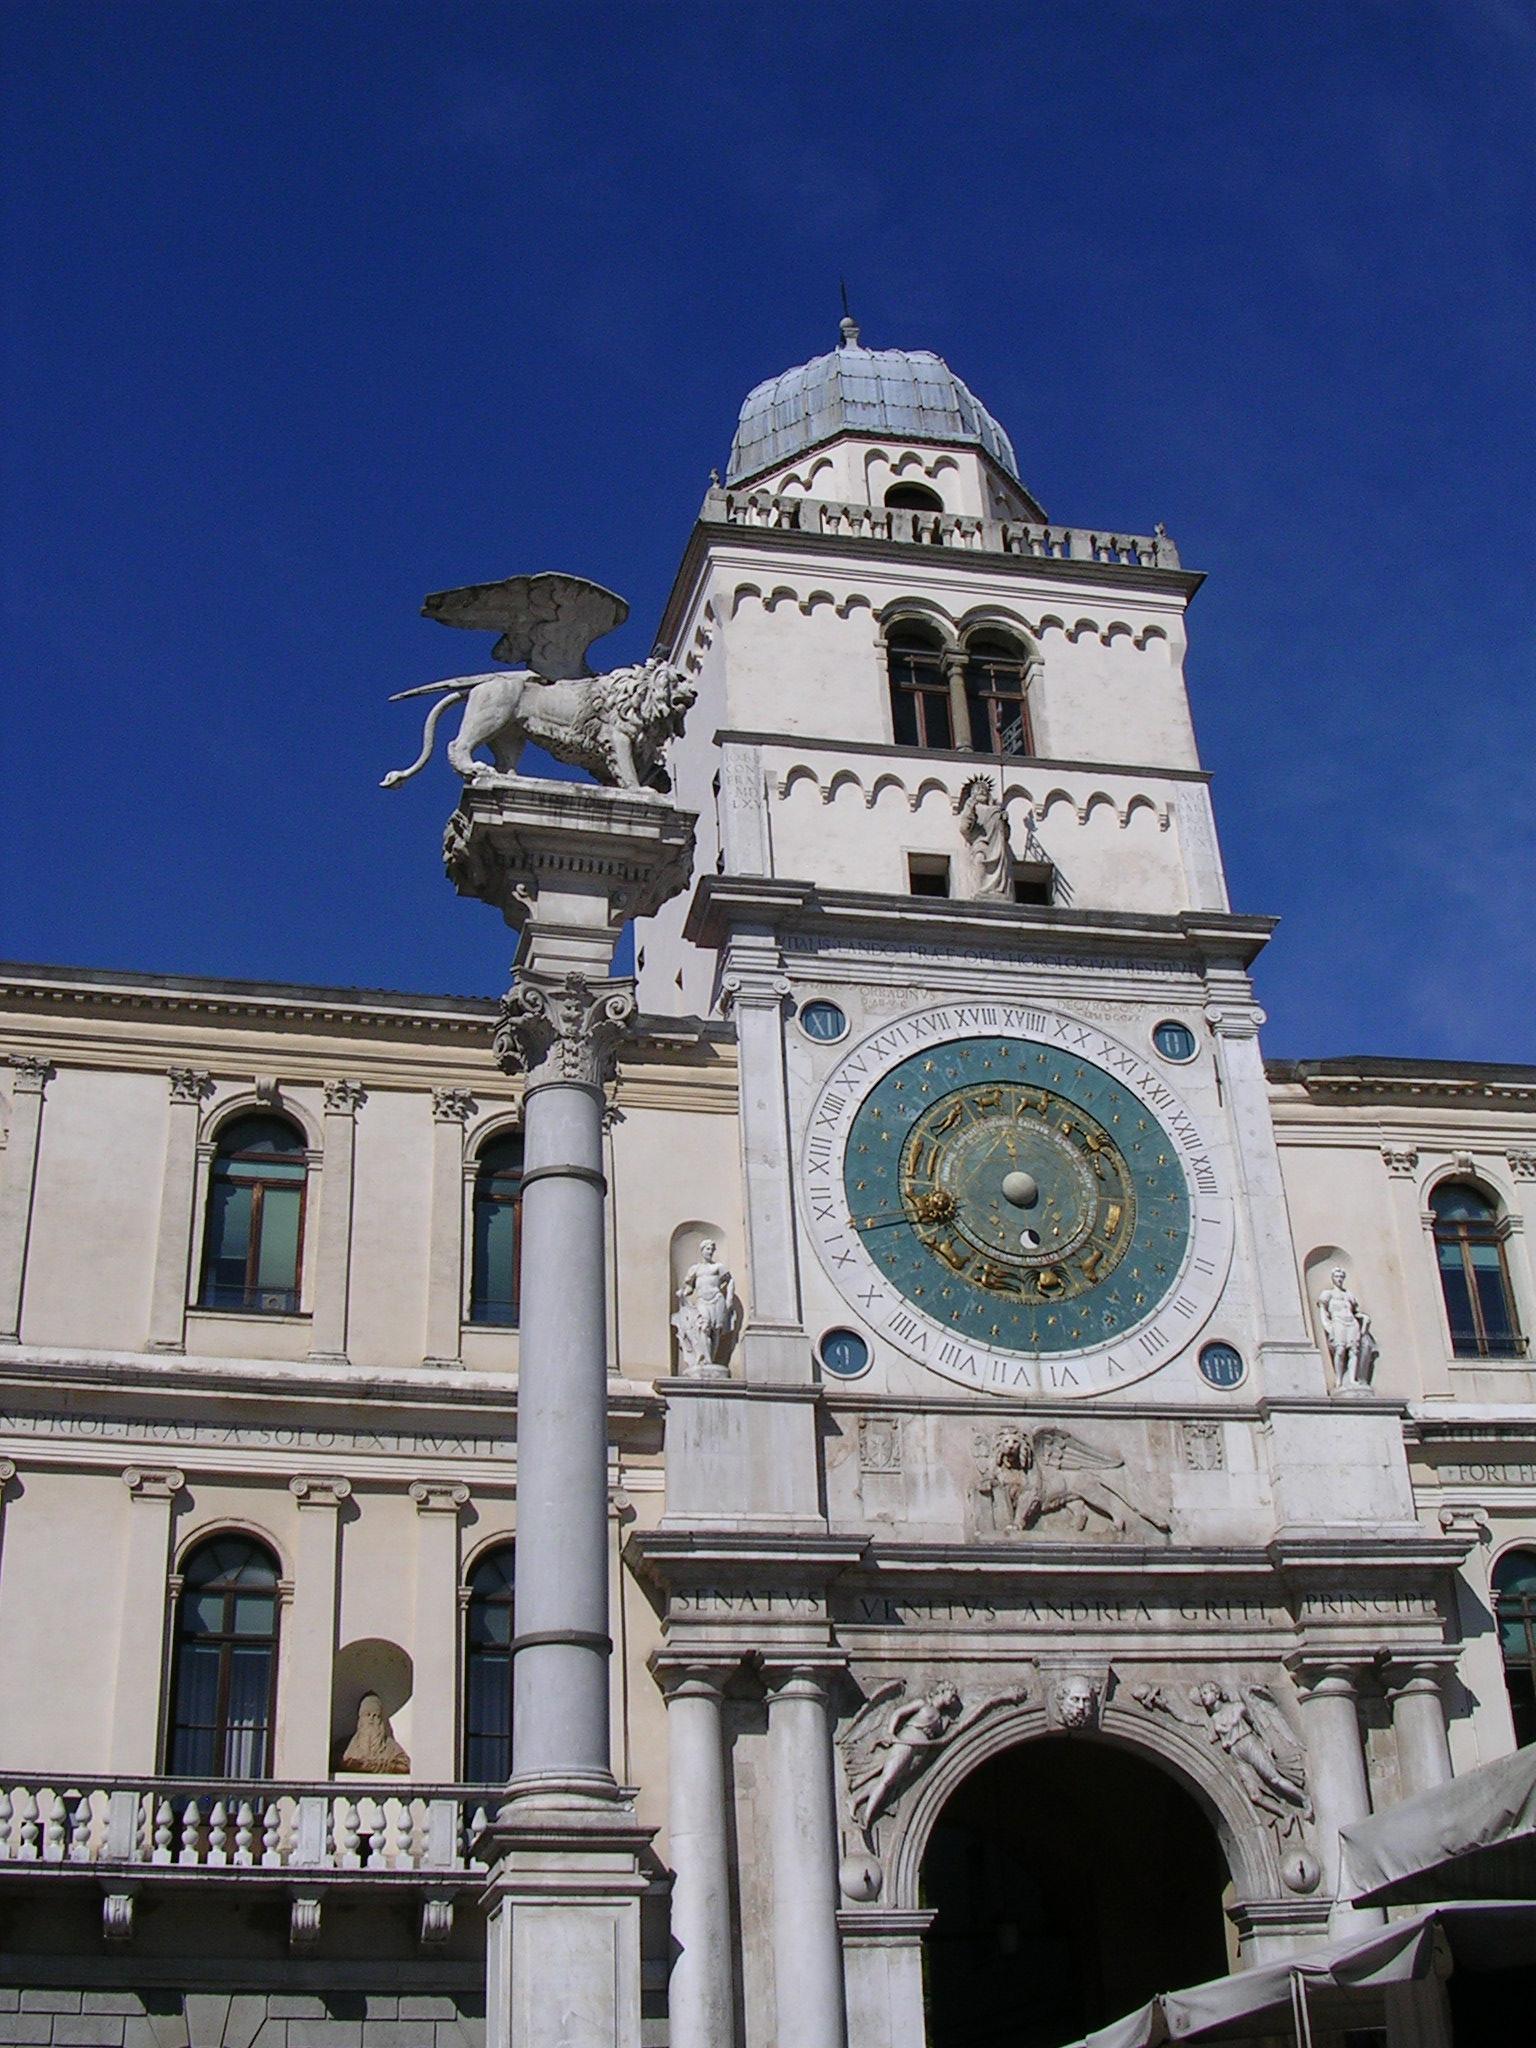 L'Orologio Astronomico di Padova e la sua Torre